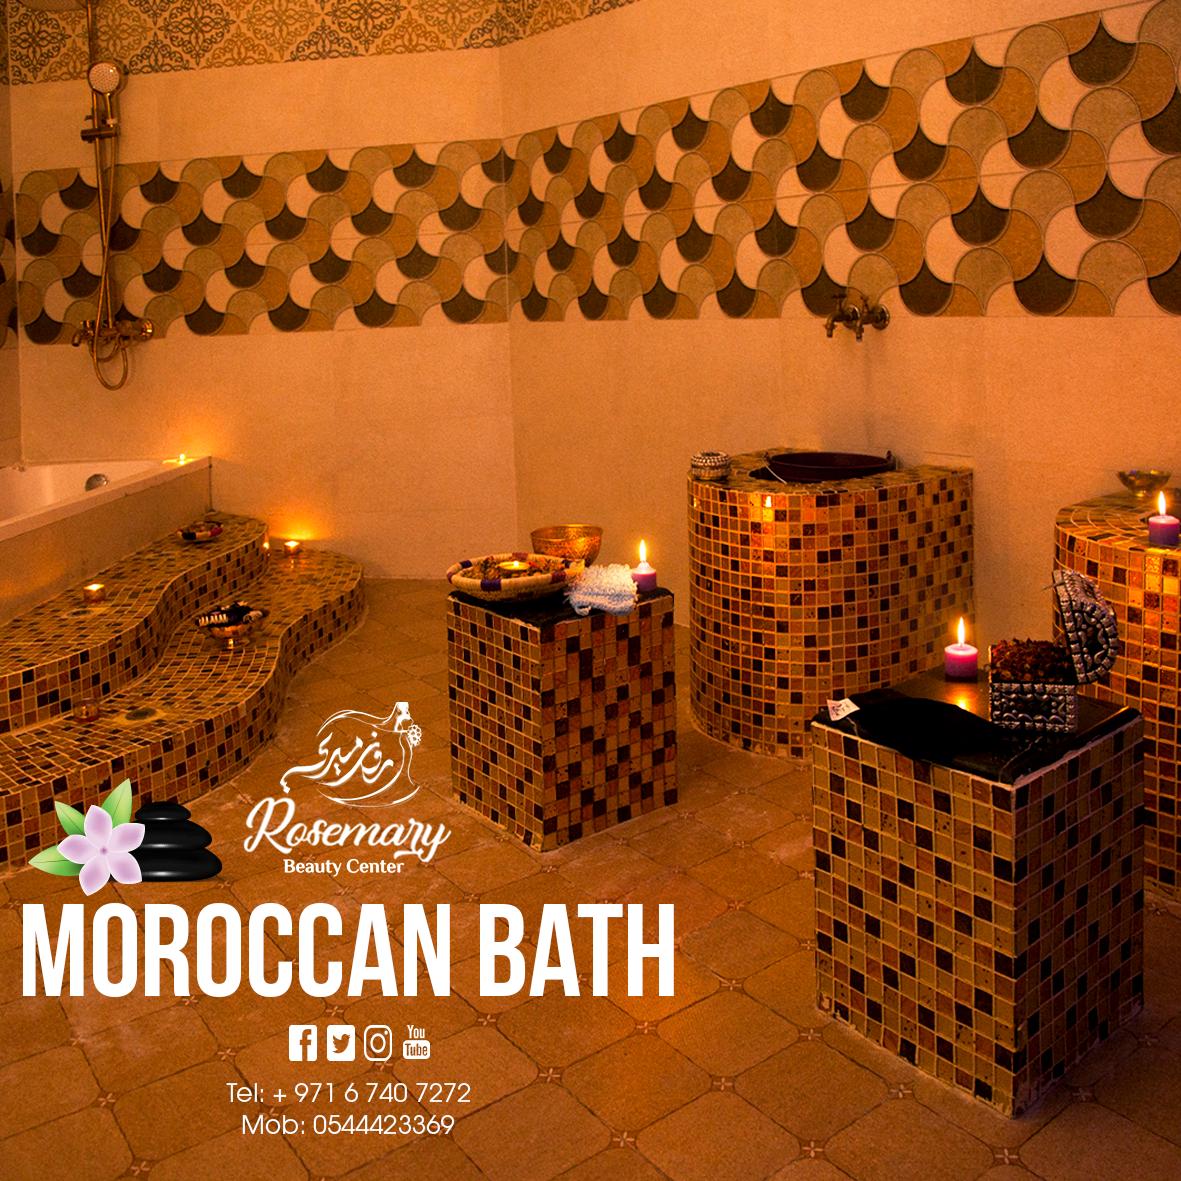 من أكثر سبل تجميل البشرة و إعادة حيويتها و نضارتها هو الحمام المغربي للتواصل معنا 97167407272 0544423369 كوني متألقة Beauty Center Wall Lights Decor